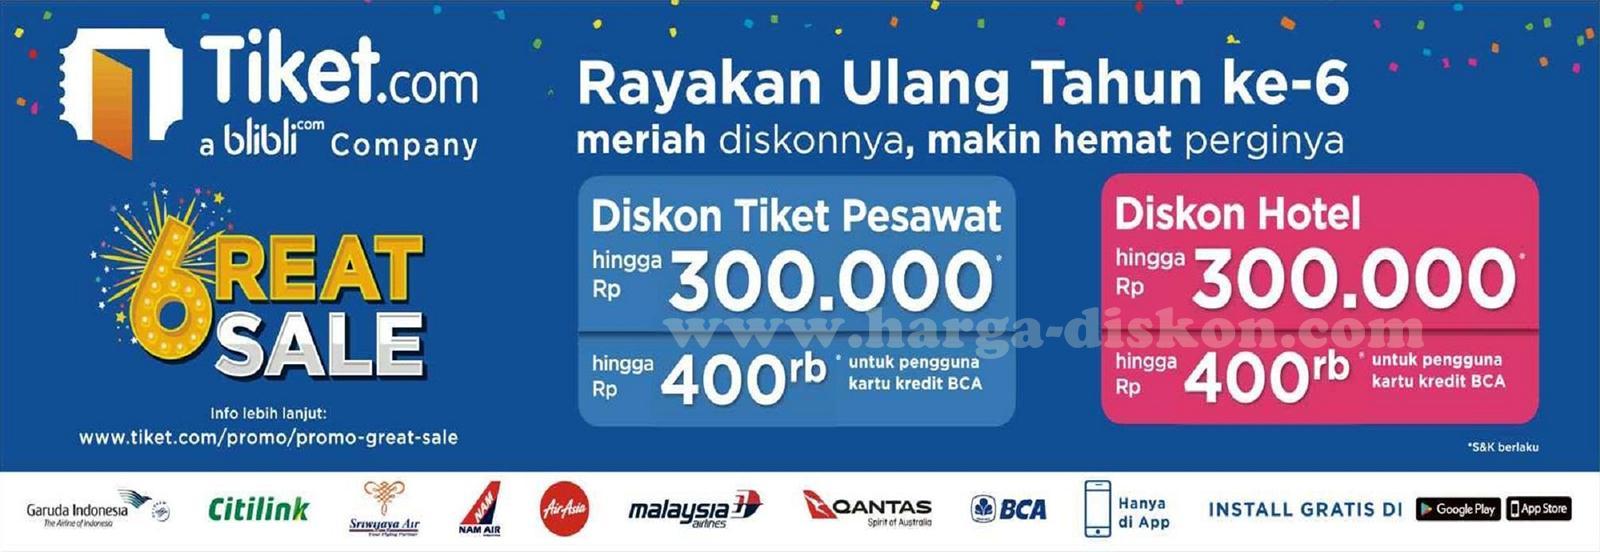 Promo Tiket Com Terbaru Diskon Tiket Pesawat Dan Hotel Periode 24 31 Agustus 2017 Harga Diskon